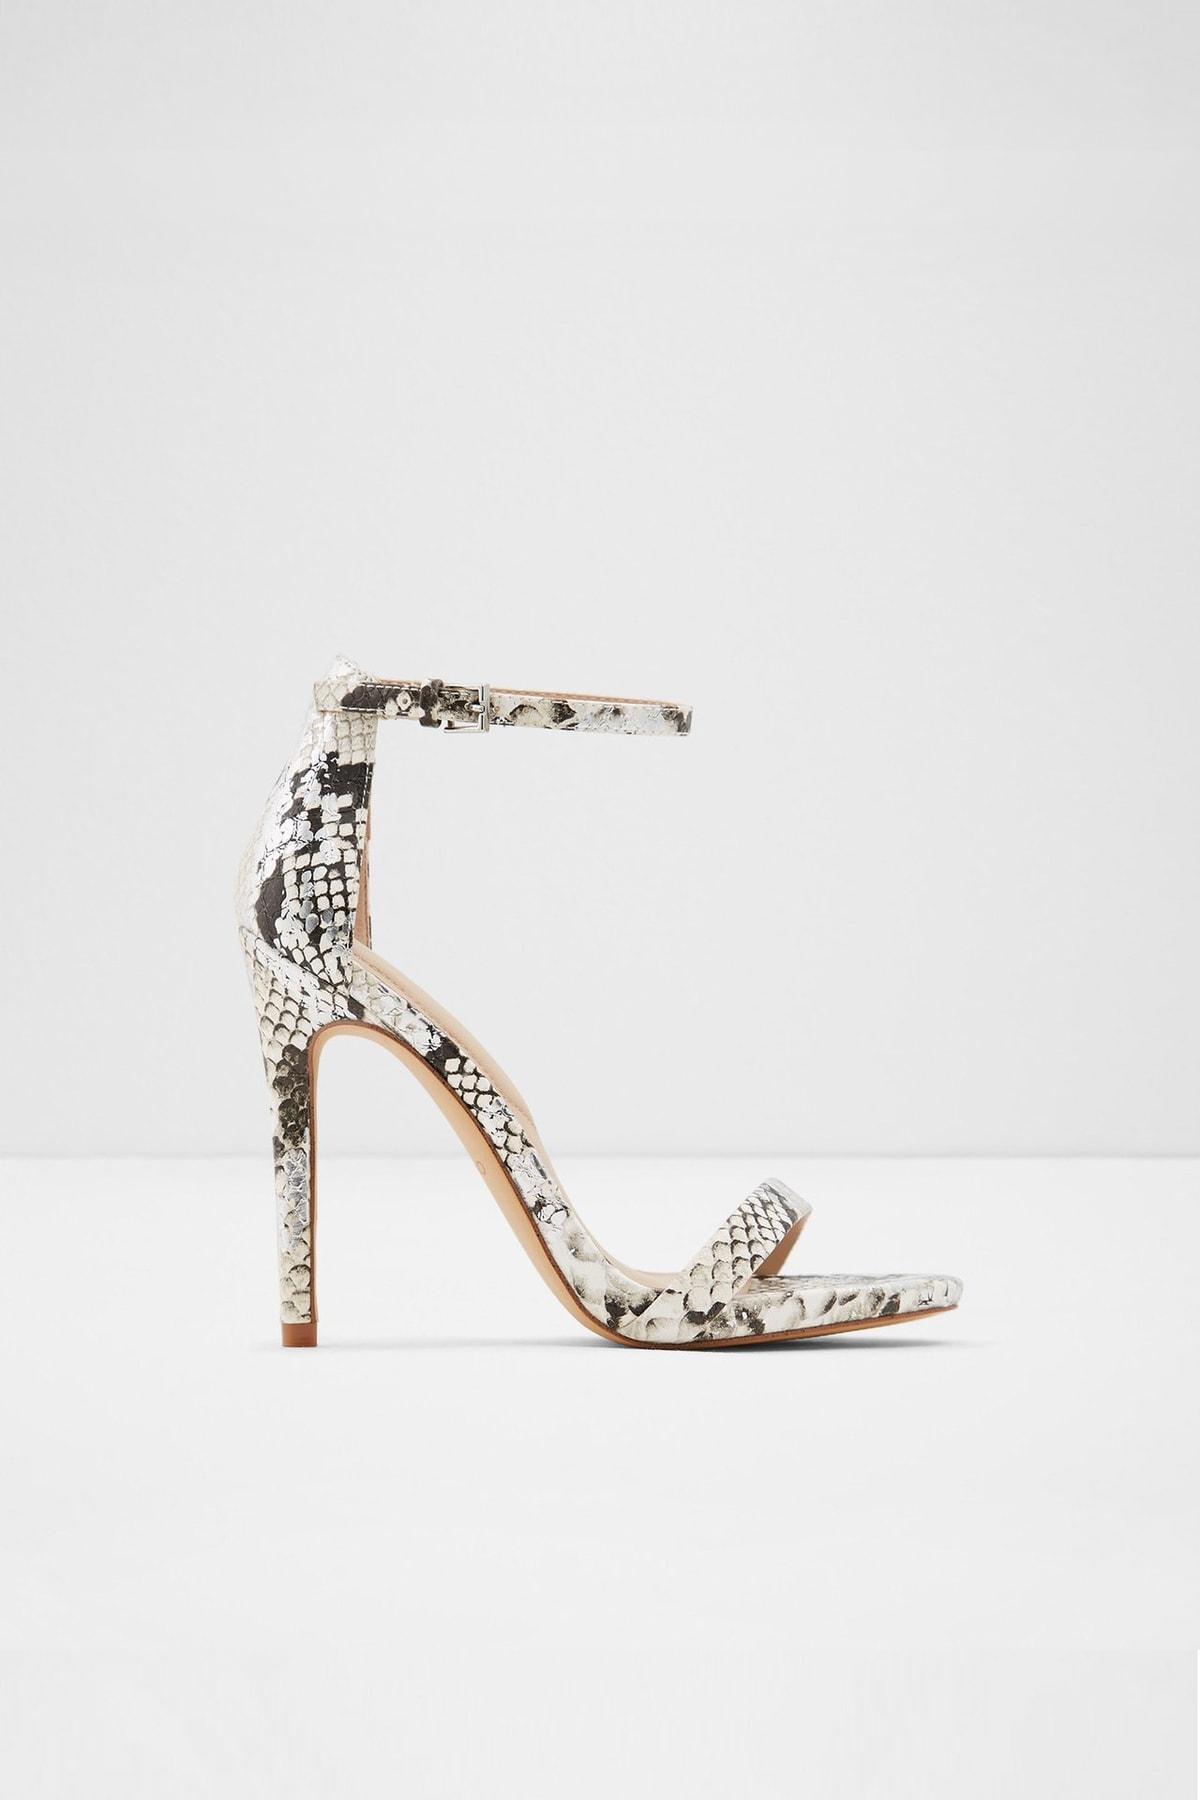 Aldo Caraa - Yılan Deseni Kadın Yüksek Topuklu Sandalet 1